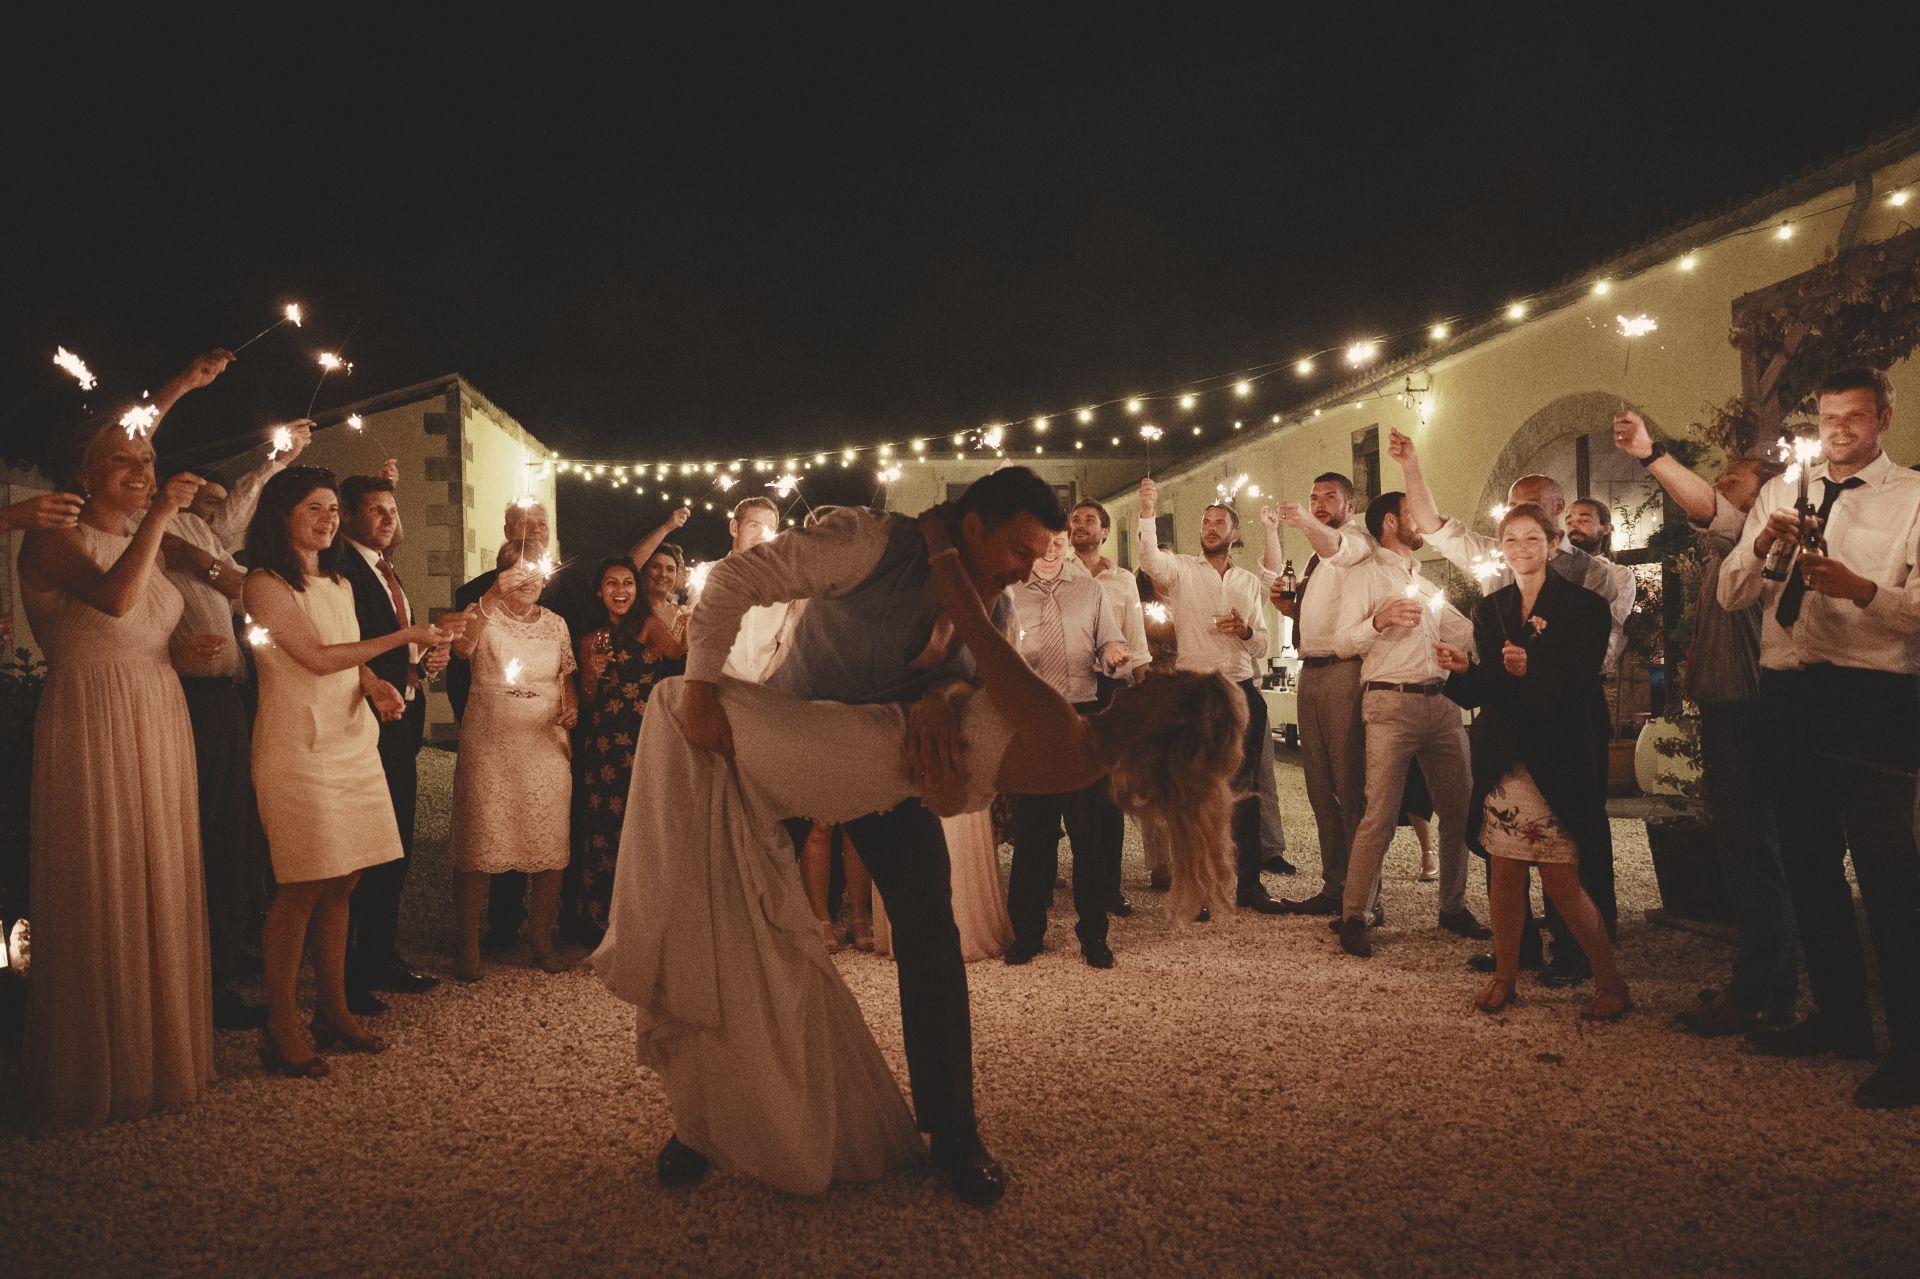 La Vue France - Wedding Day - Last Dance - StuJarvis.com